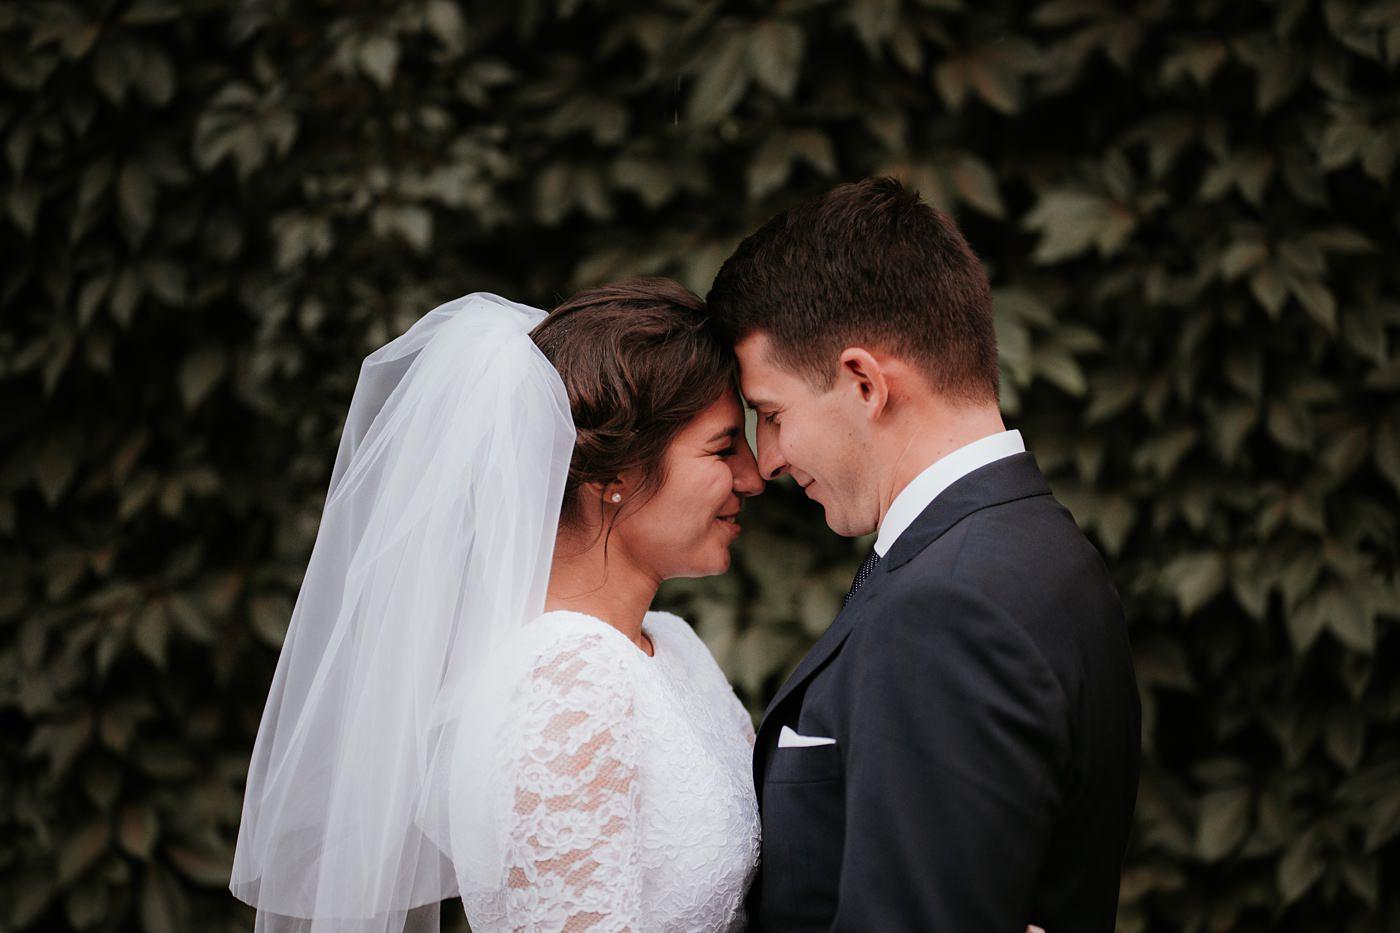 Dominika & Aleksander - Rustykalne wesele w stodole - Baborówko 105